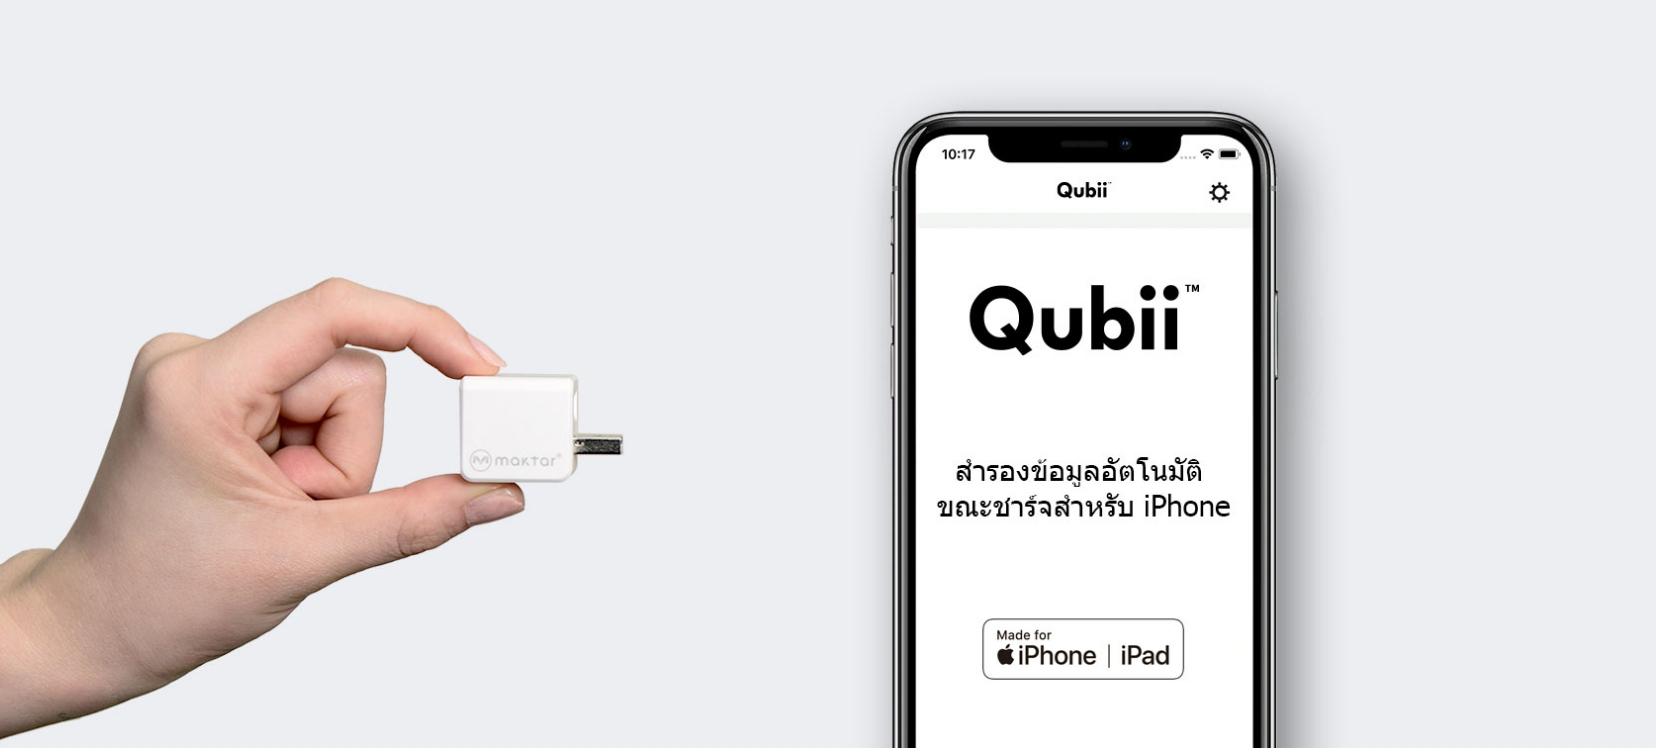 Qubii backup for iOS